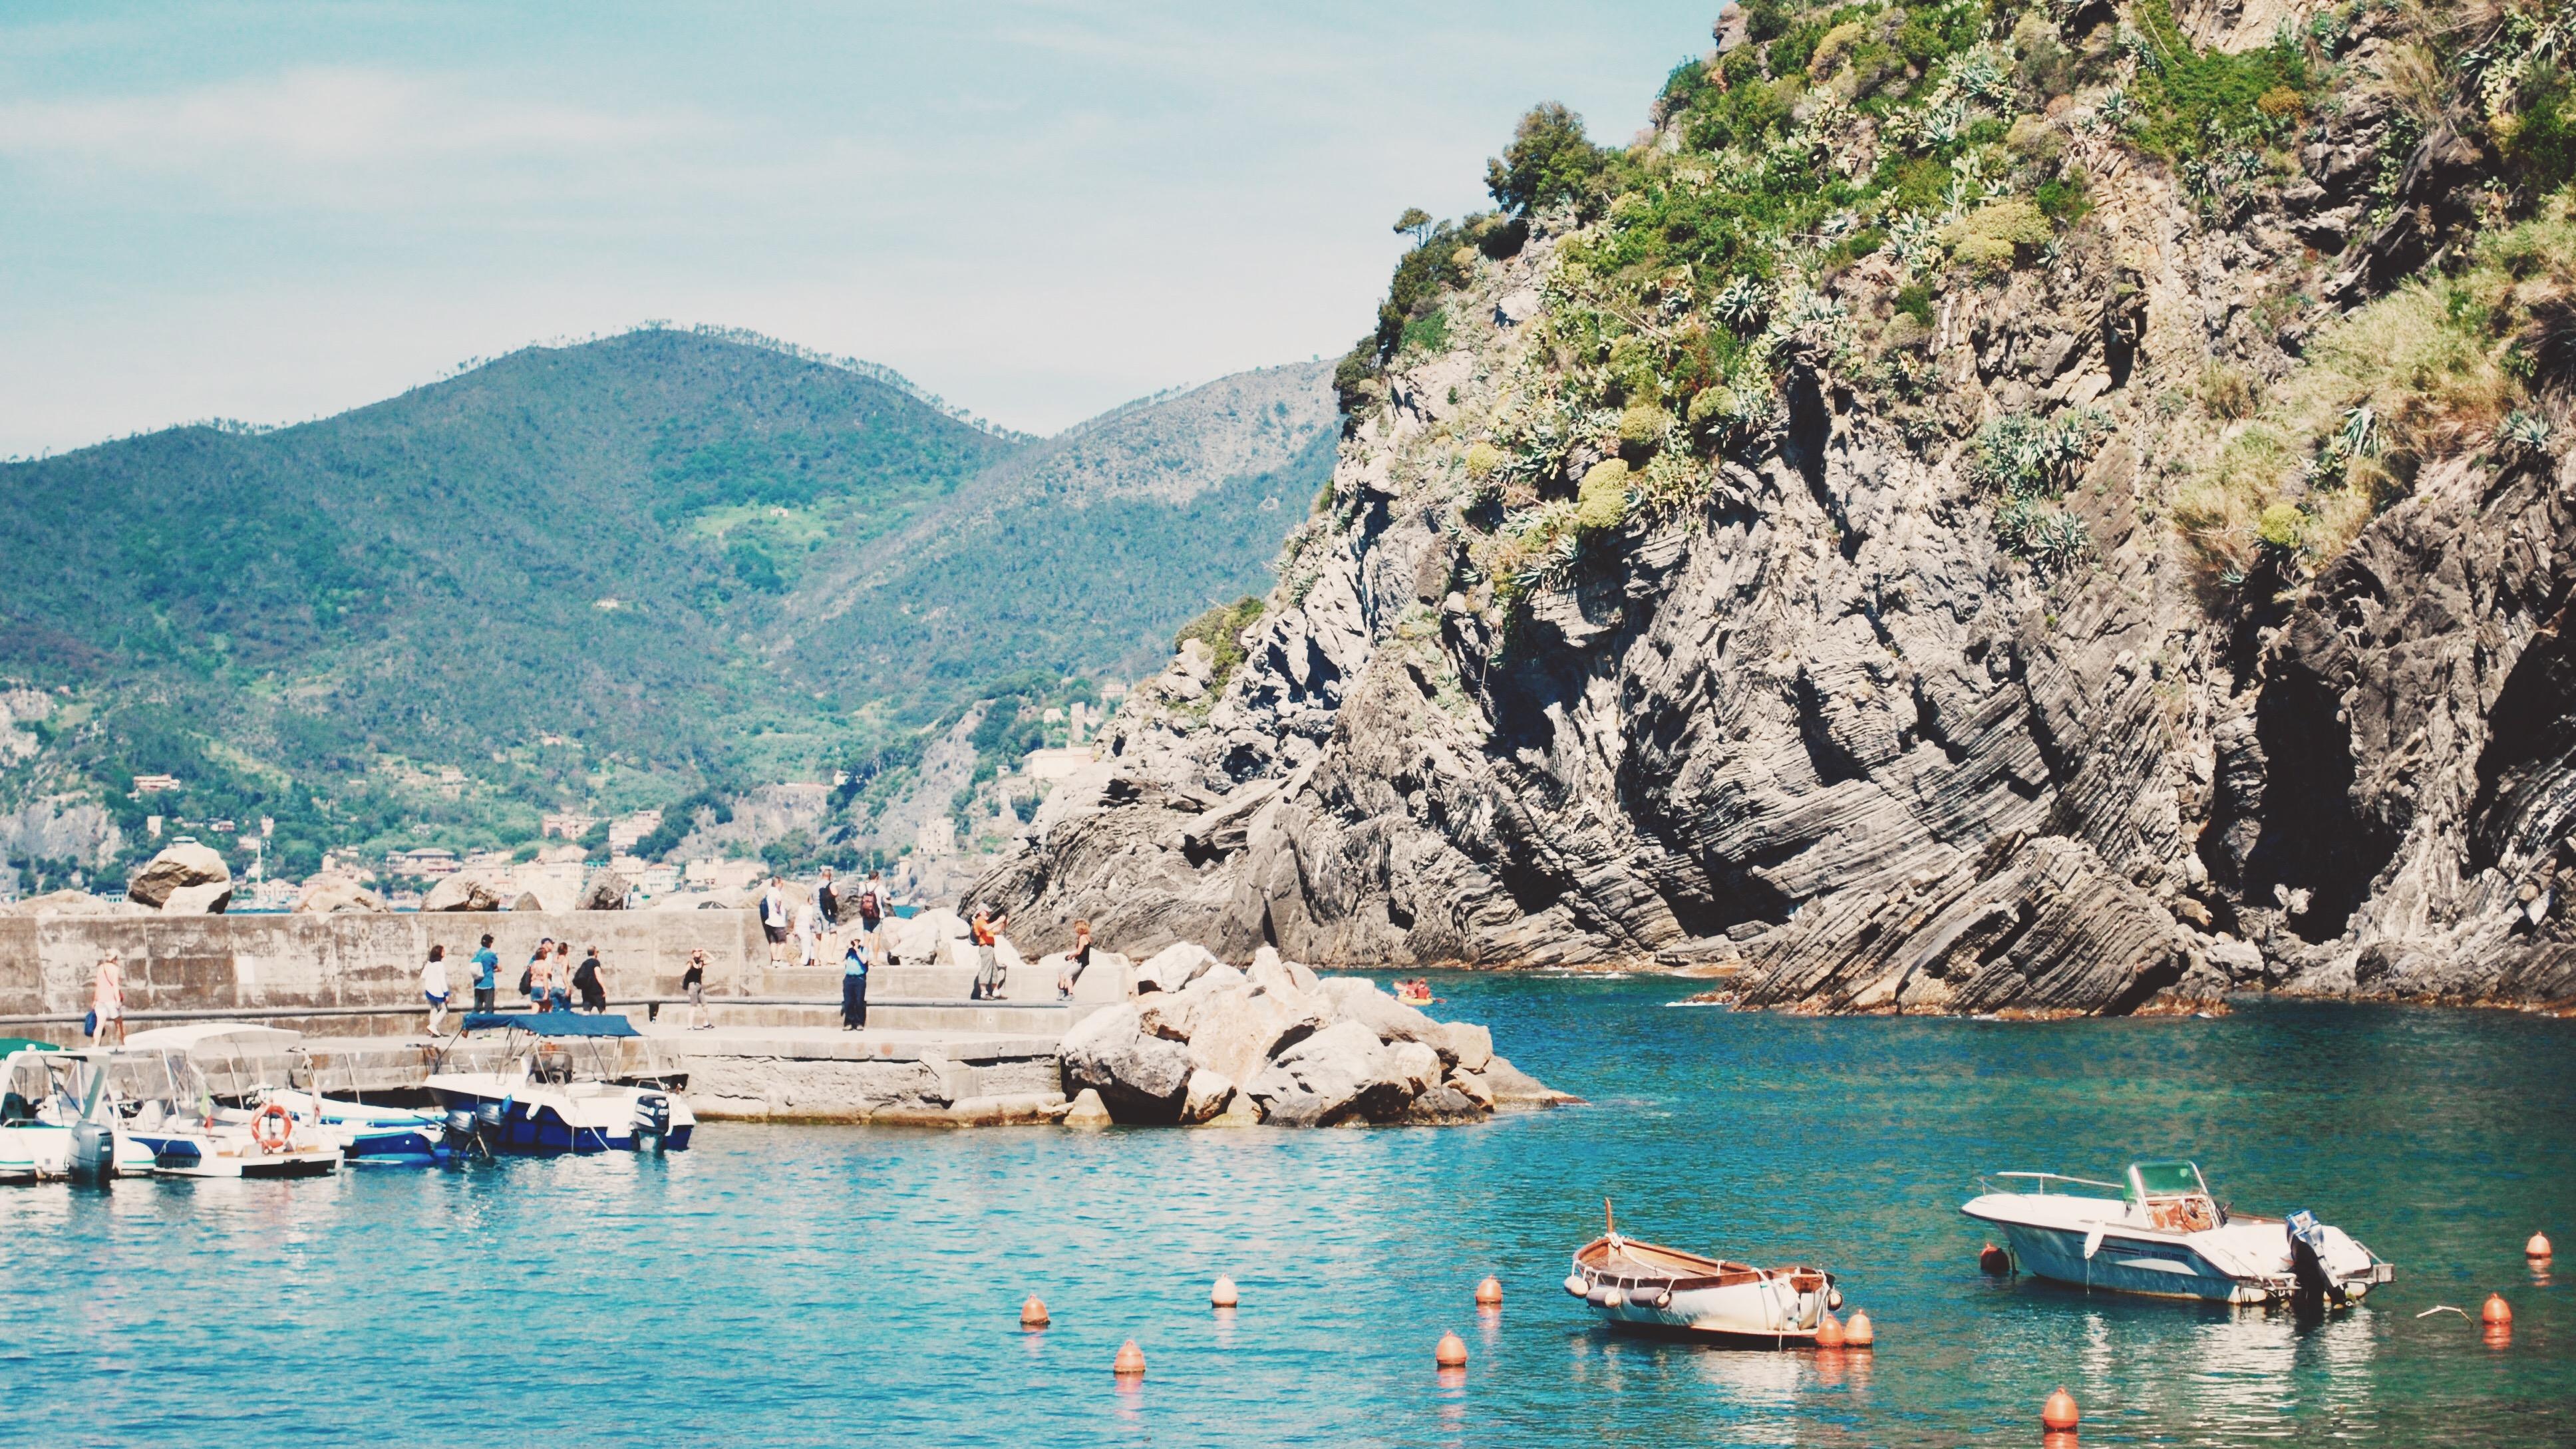 Vernazza Cove